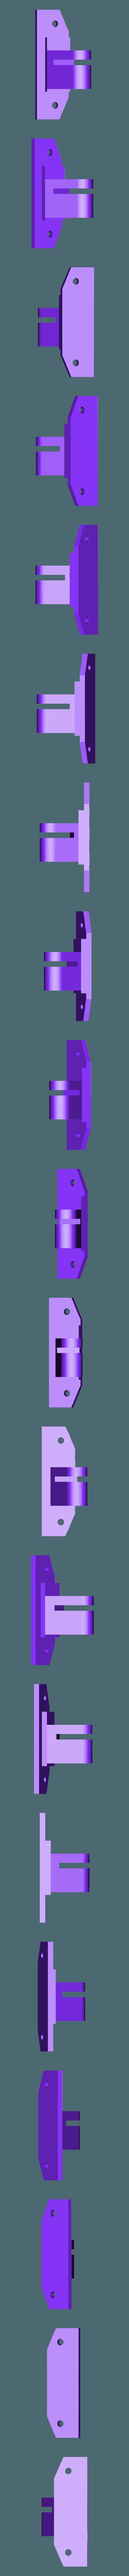 Hinge_block.stl Télécharger fichier STL gratuit Mécanique de la bouche et du sourcil, adaptable à la mécanique de l'œil • Modèle pour impression 3D, kakiemon